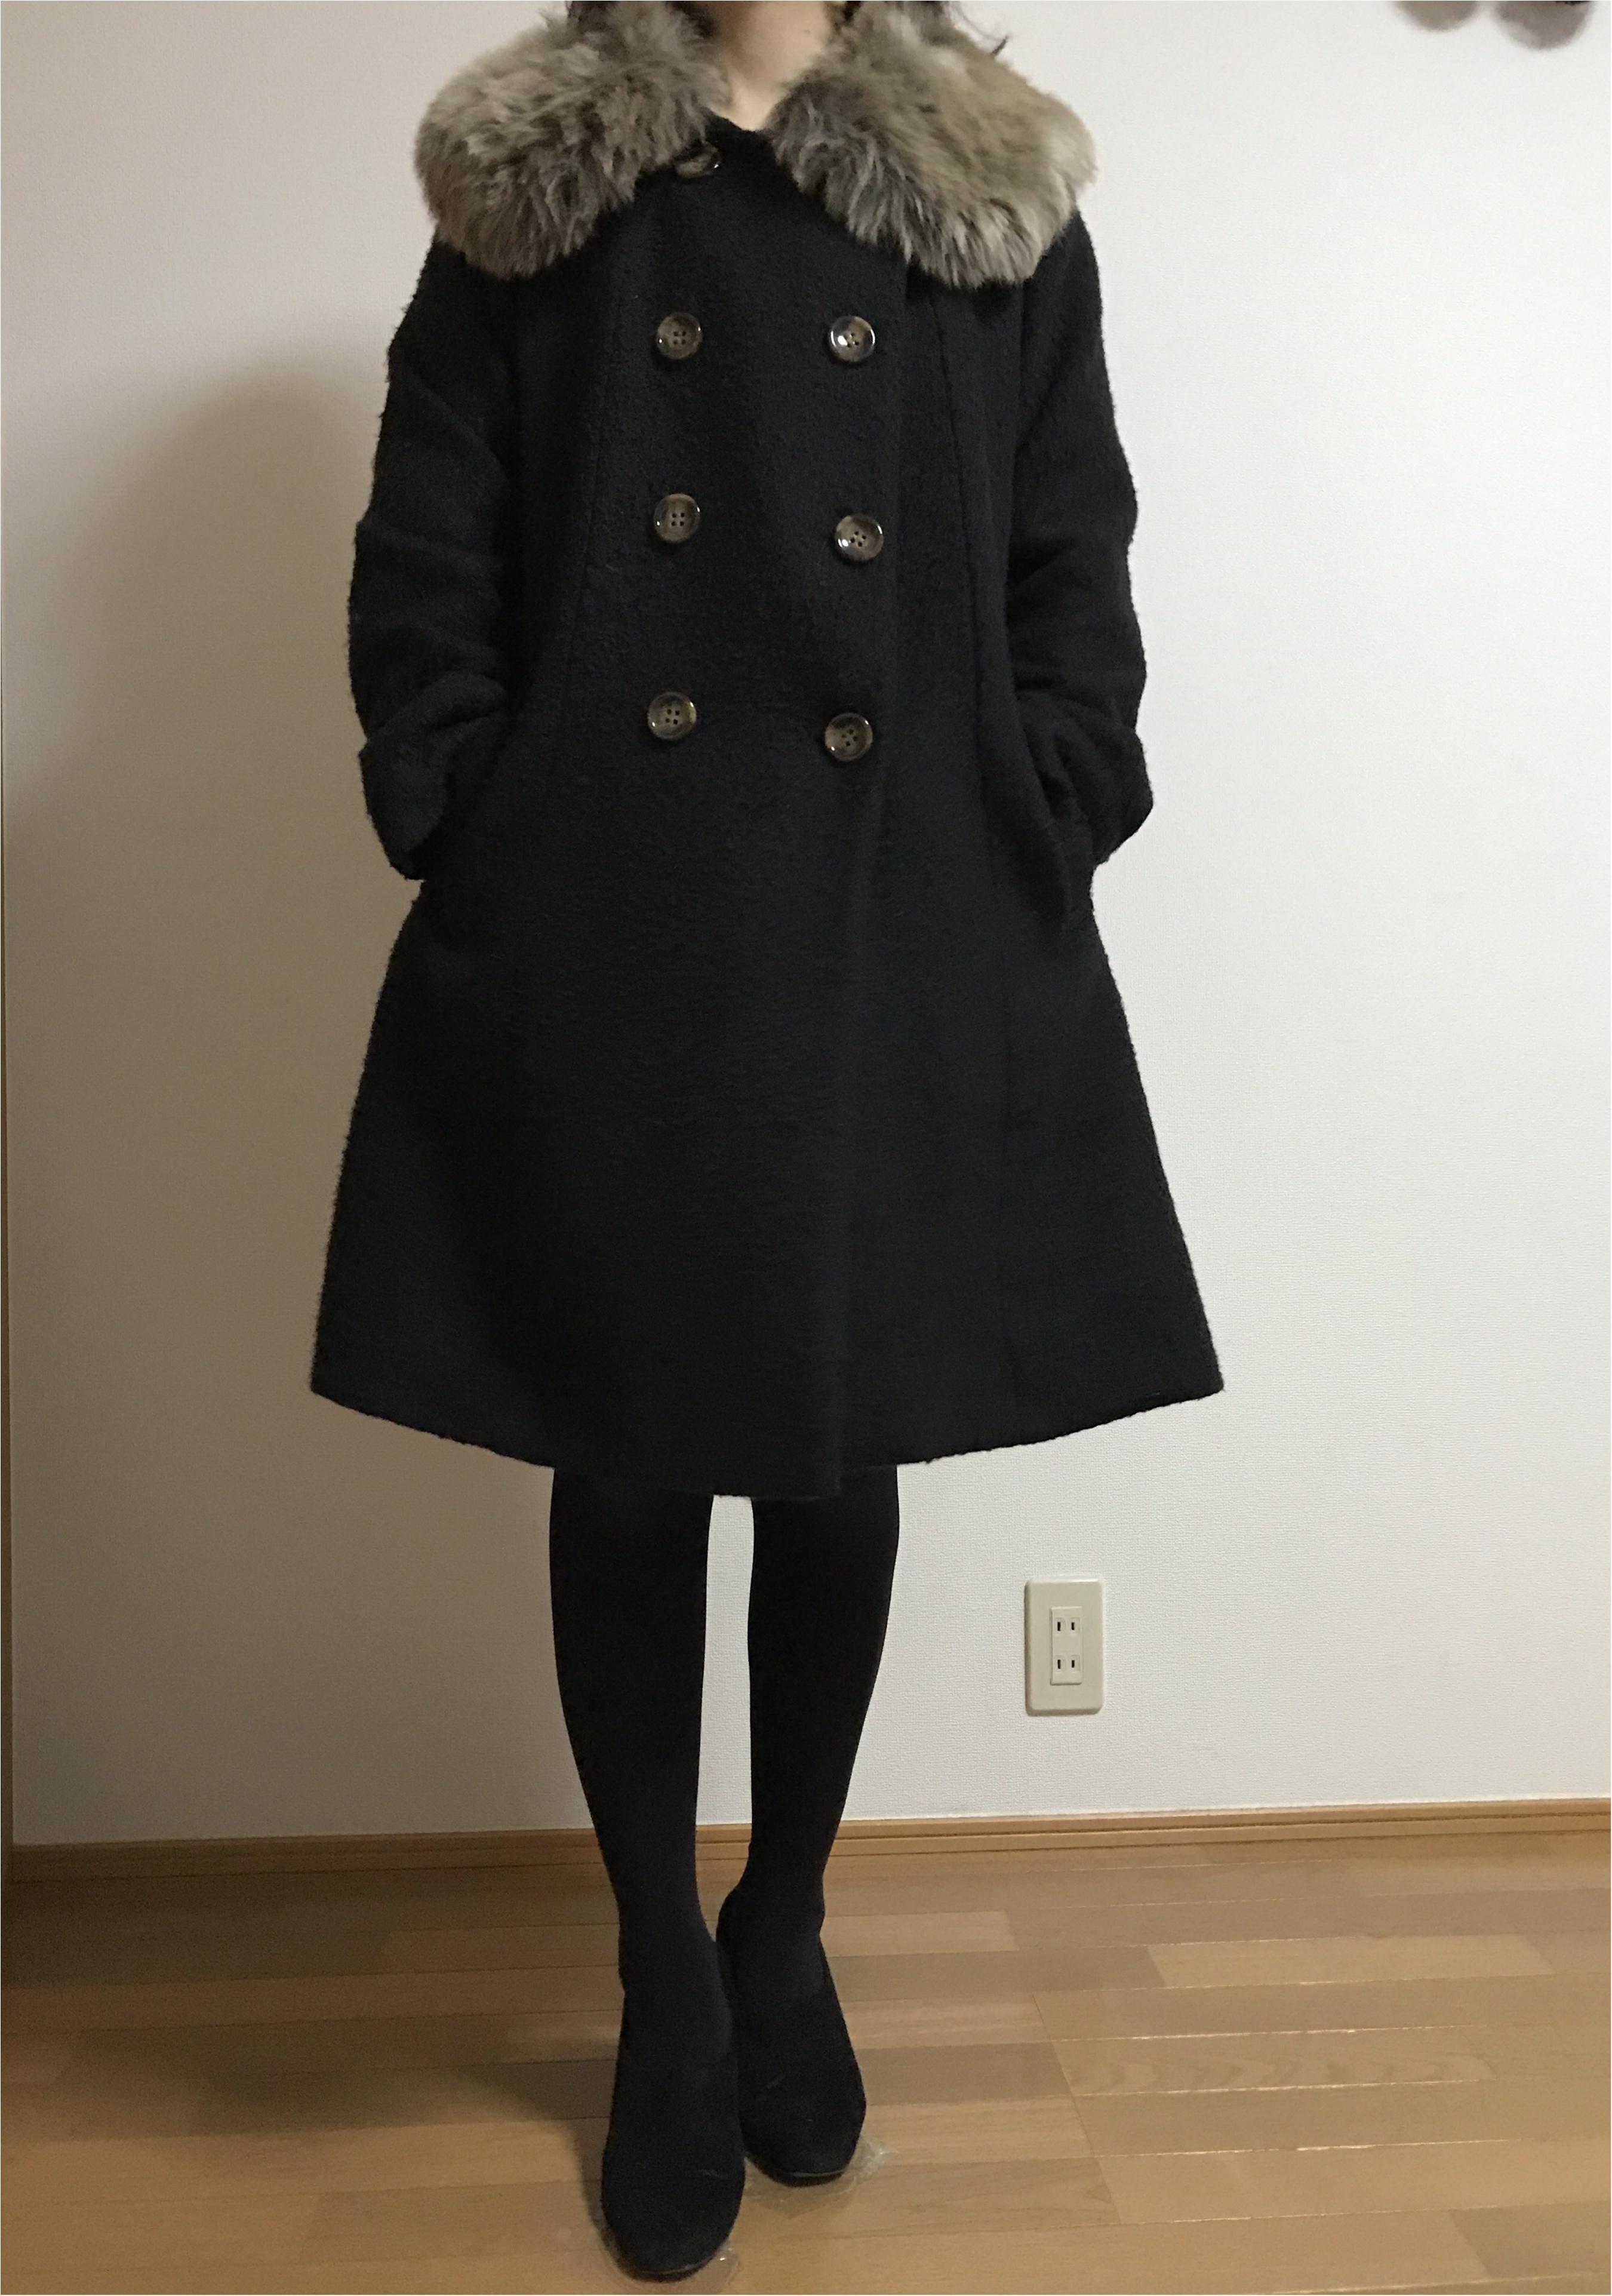 今年の冬はこのアウターで決まり★私は◯◯でアウターを購入しました♡♡_4